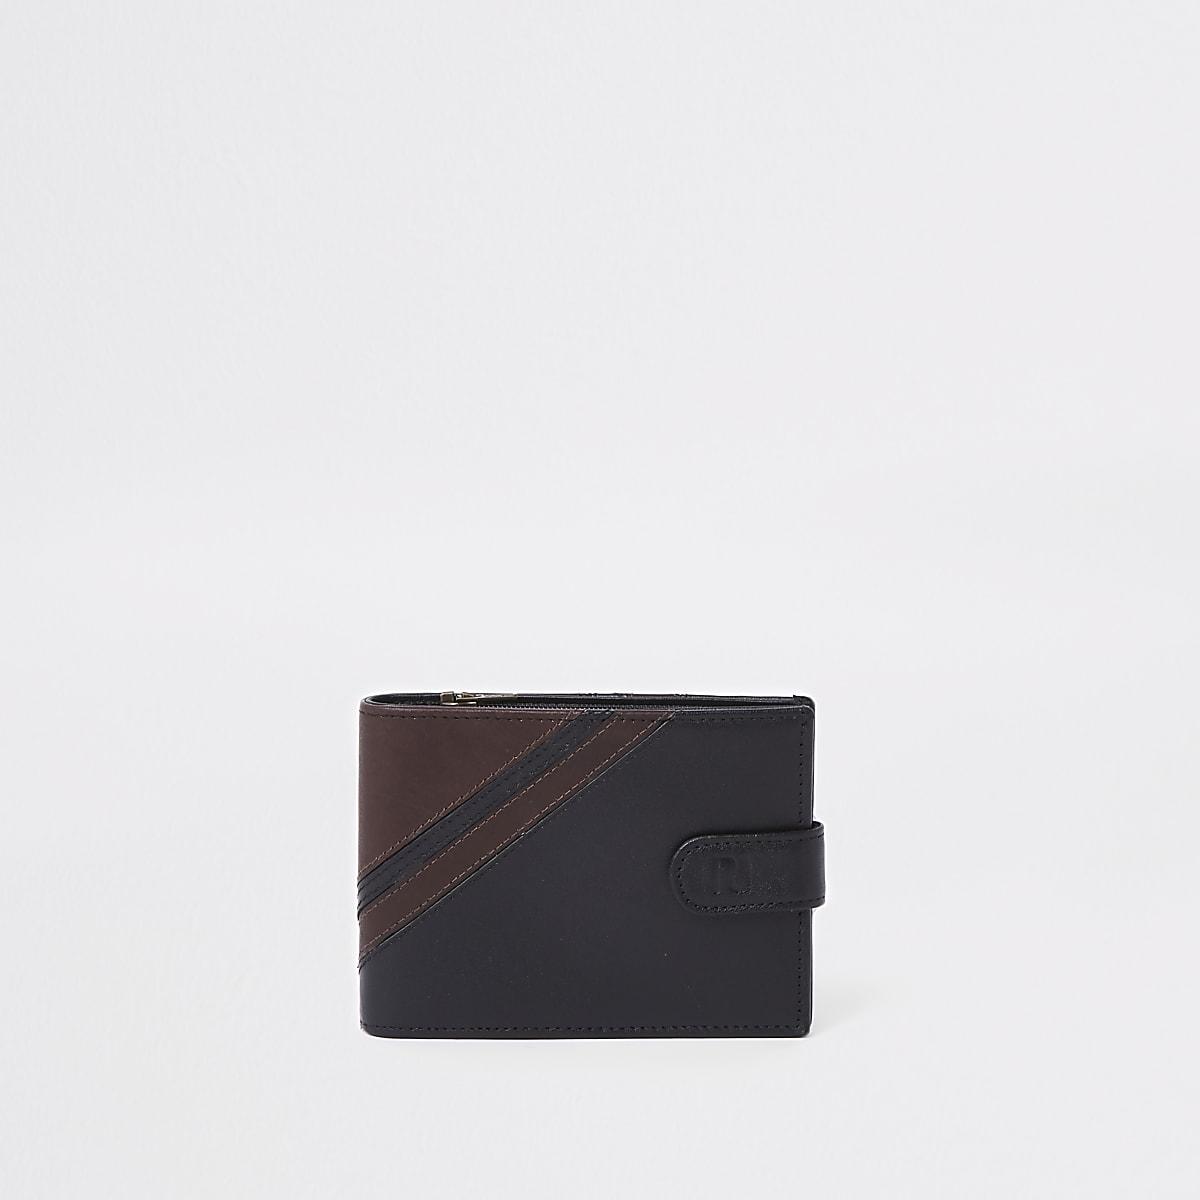 Black leather stripe wallet